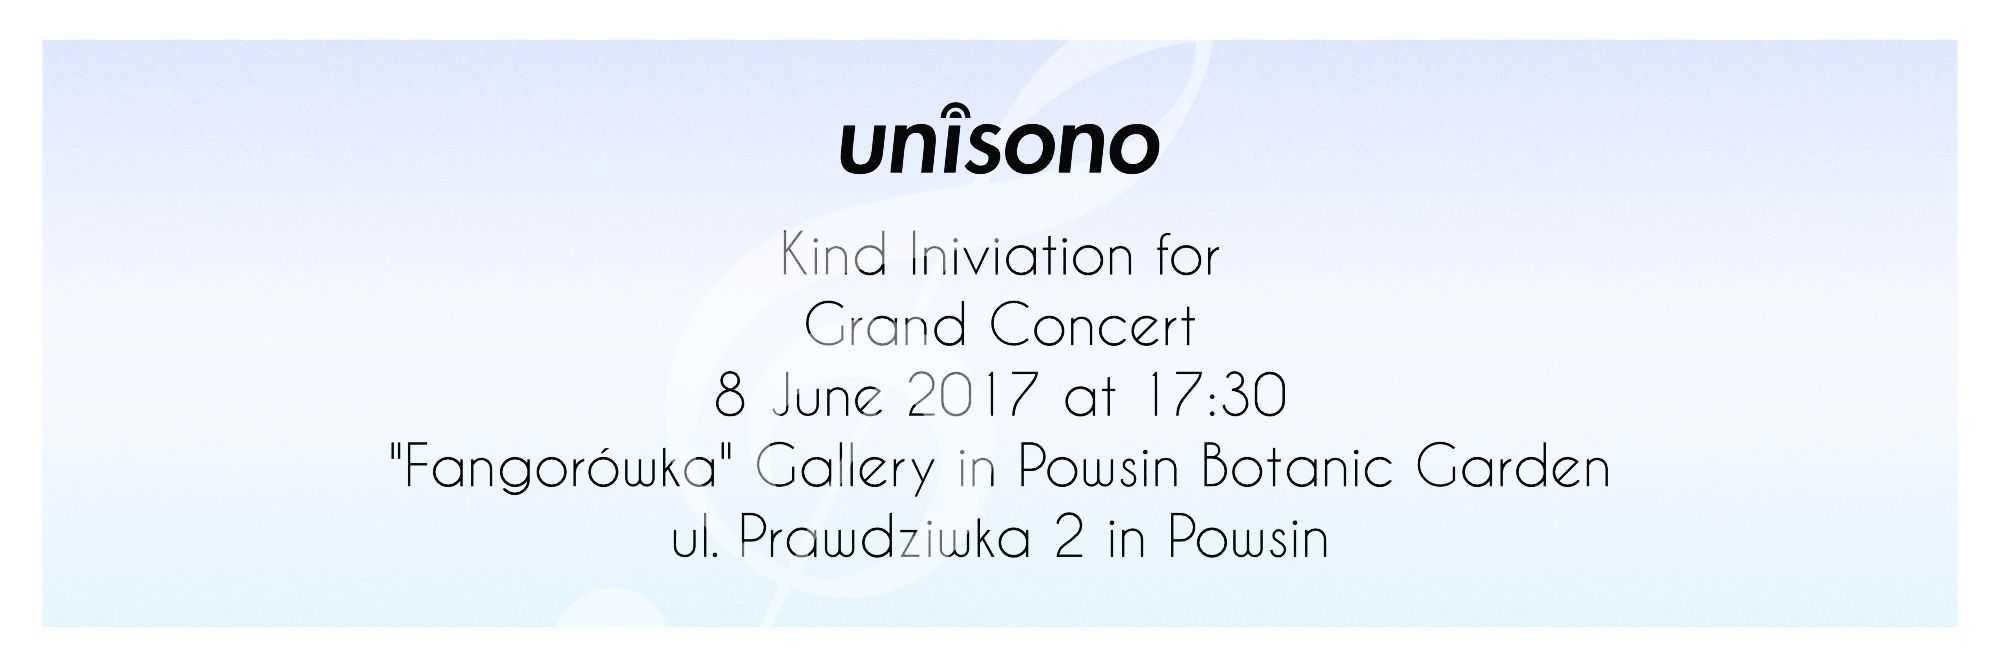 Grand Concert 2017 Invitiation